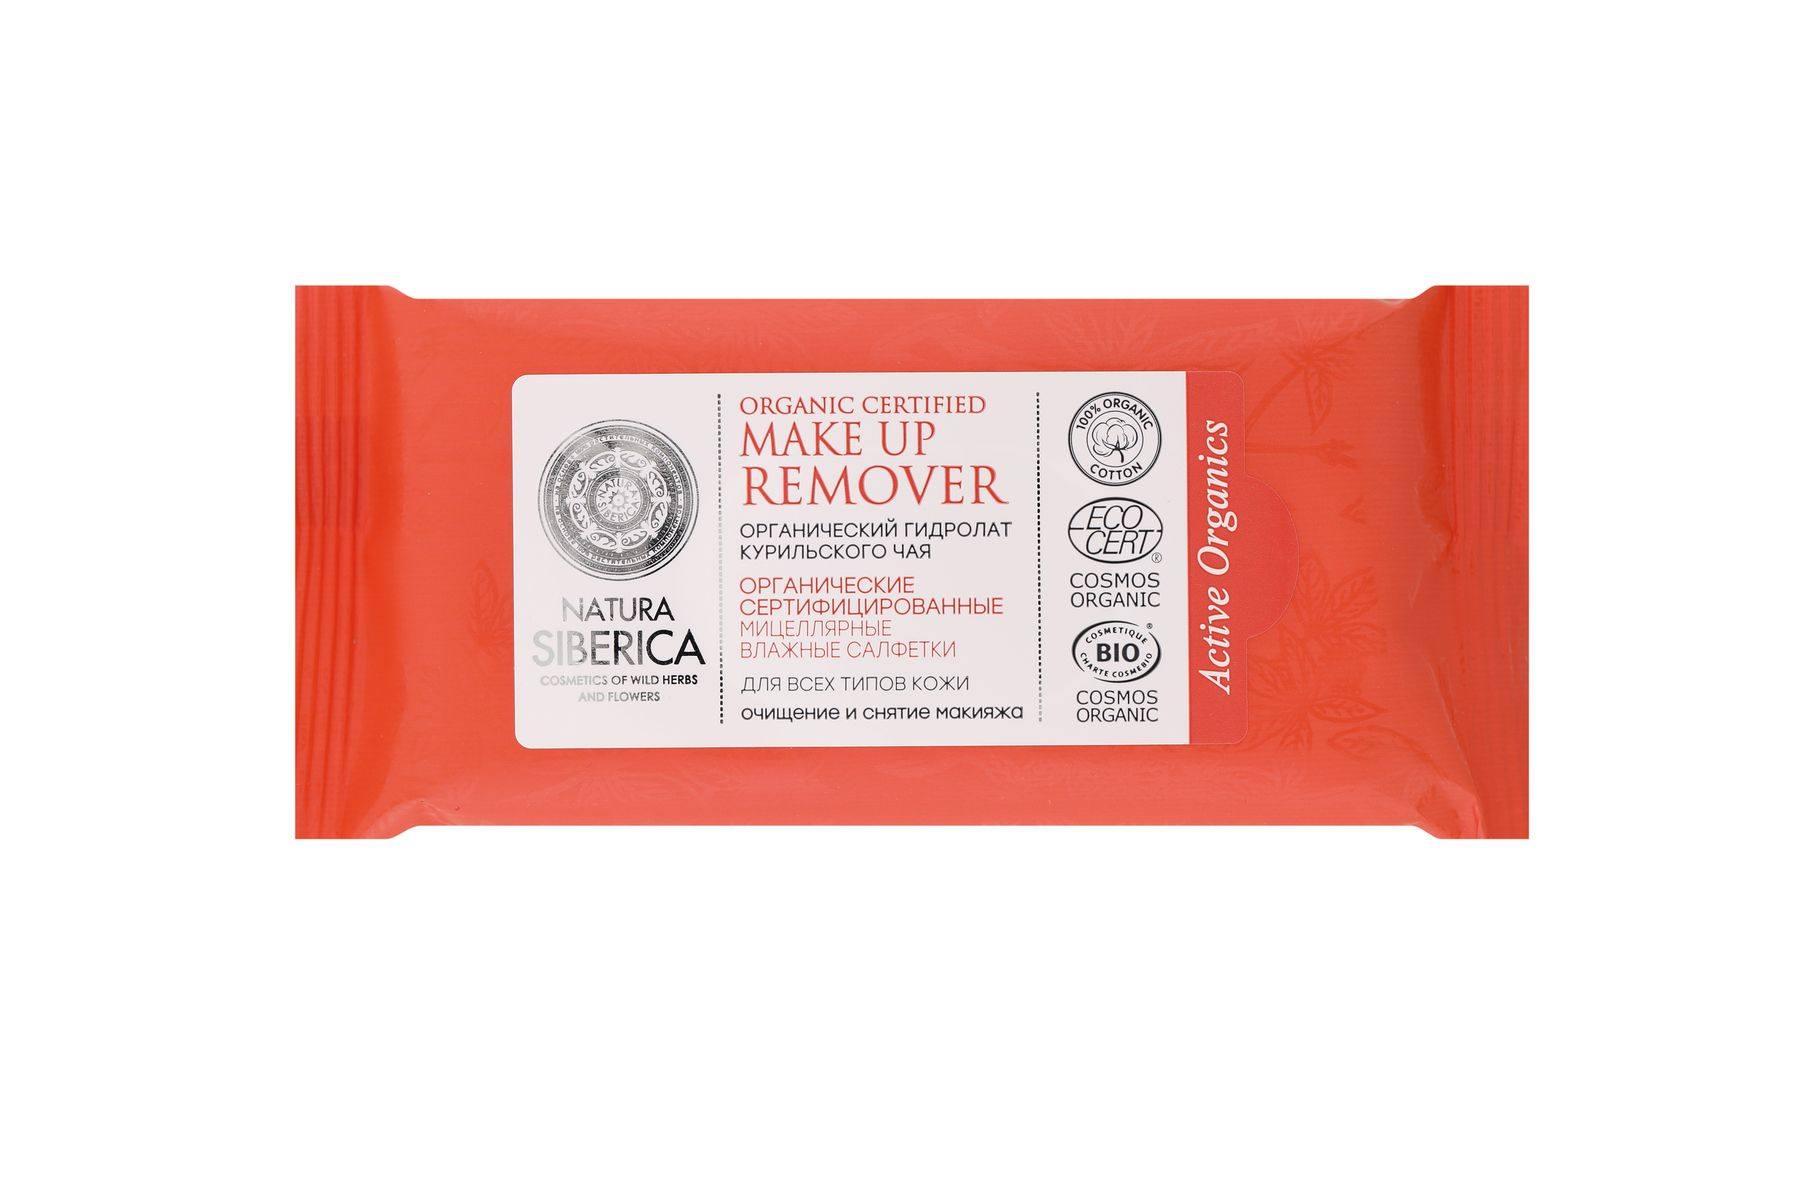 Natura Siberica Cosmos Органические сертифицированные мицеллярные влажные салфетки для всех типов кожи, 10 шт  - Купить